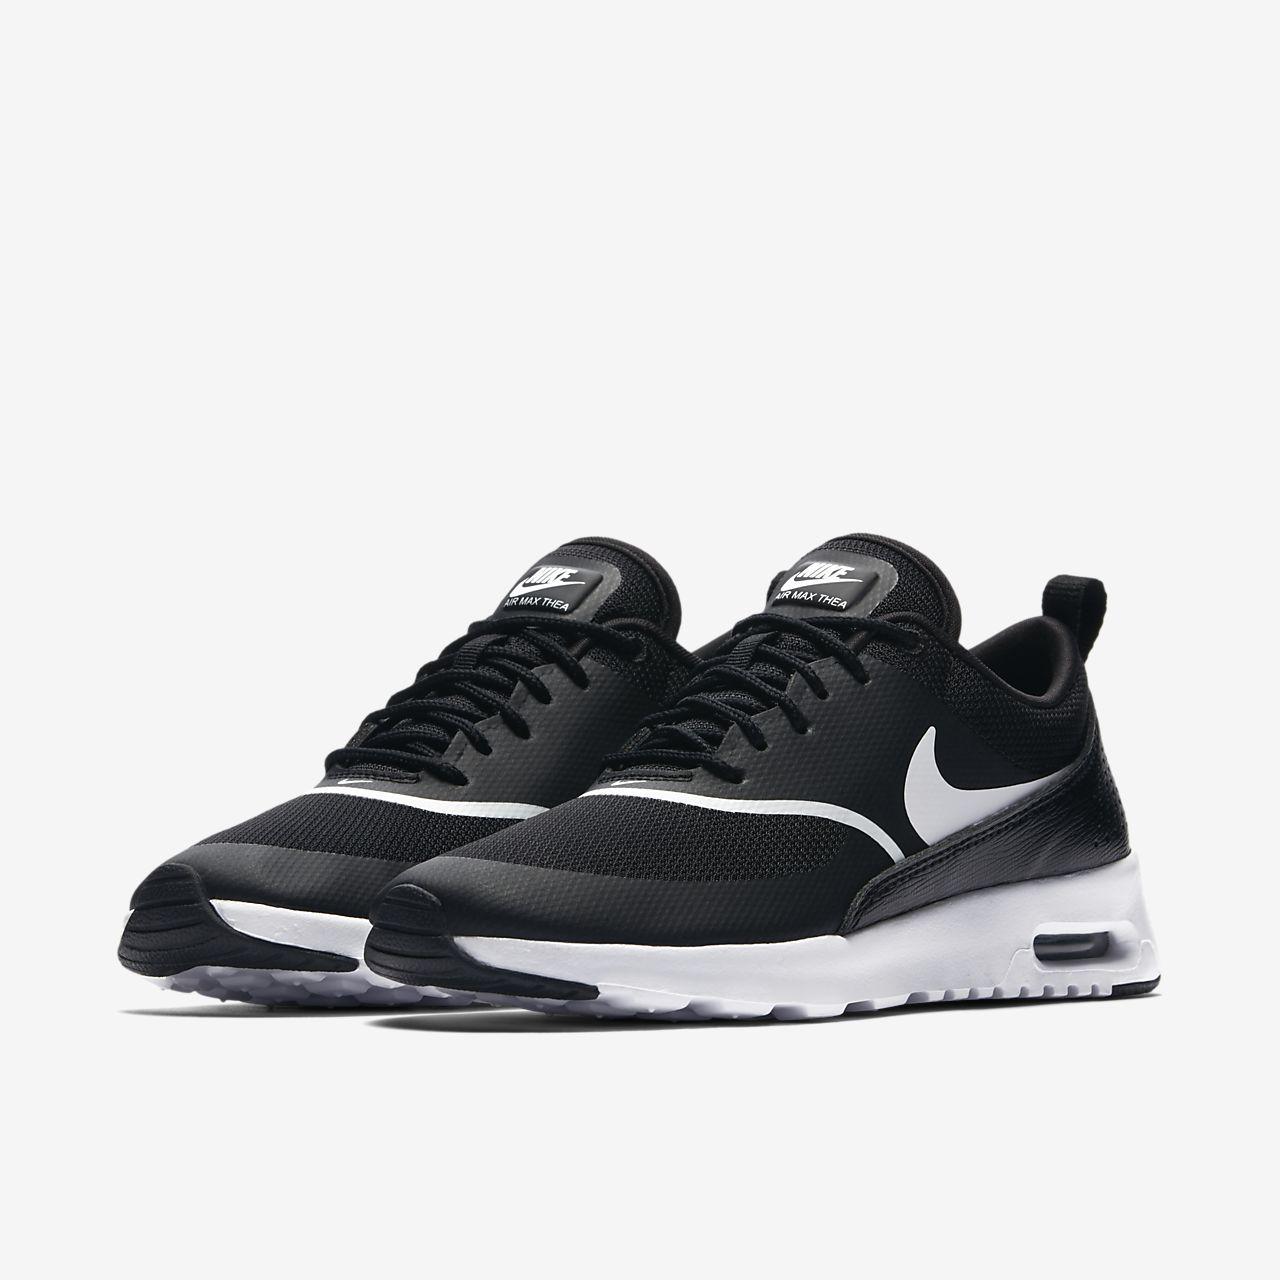 ... Calzado para mujer Nike Air Max Thea